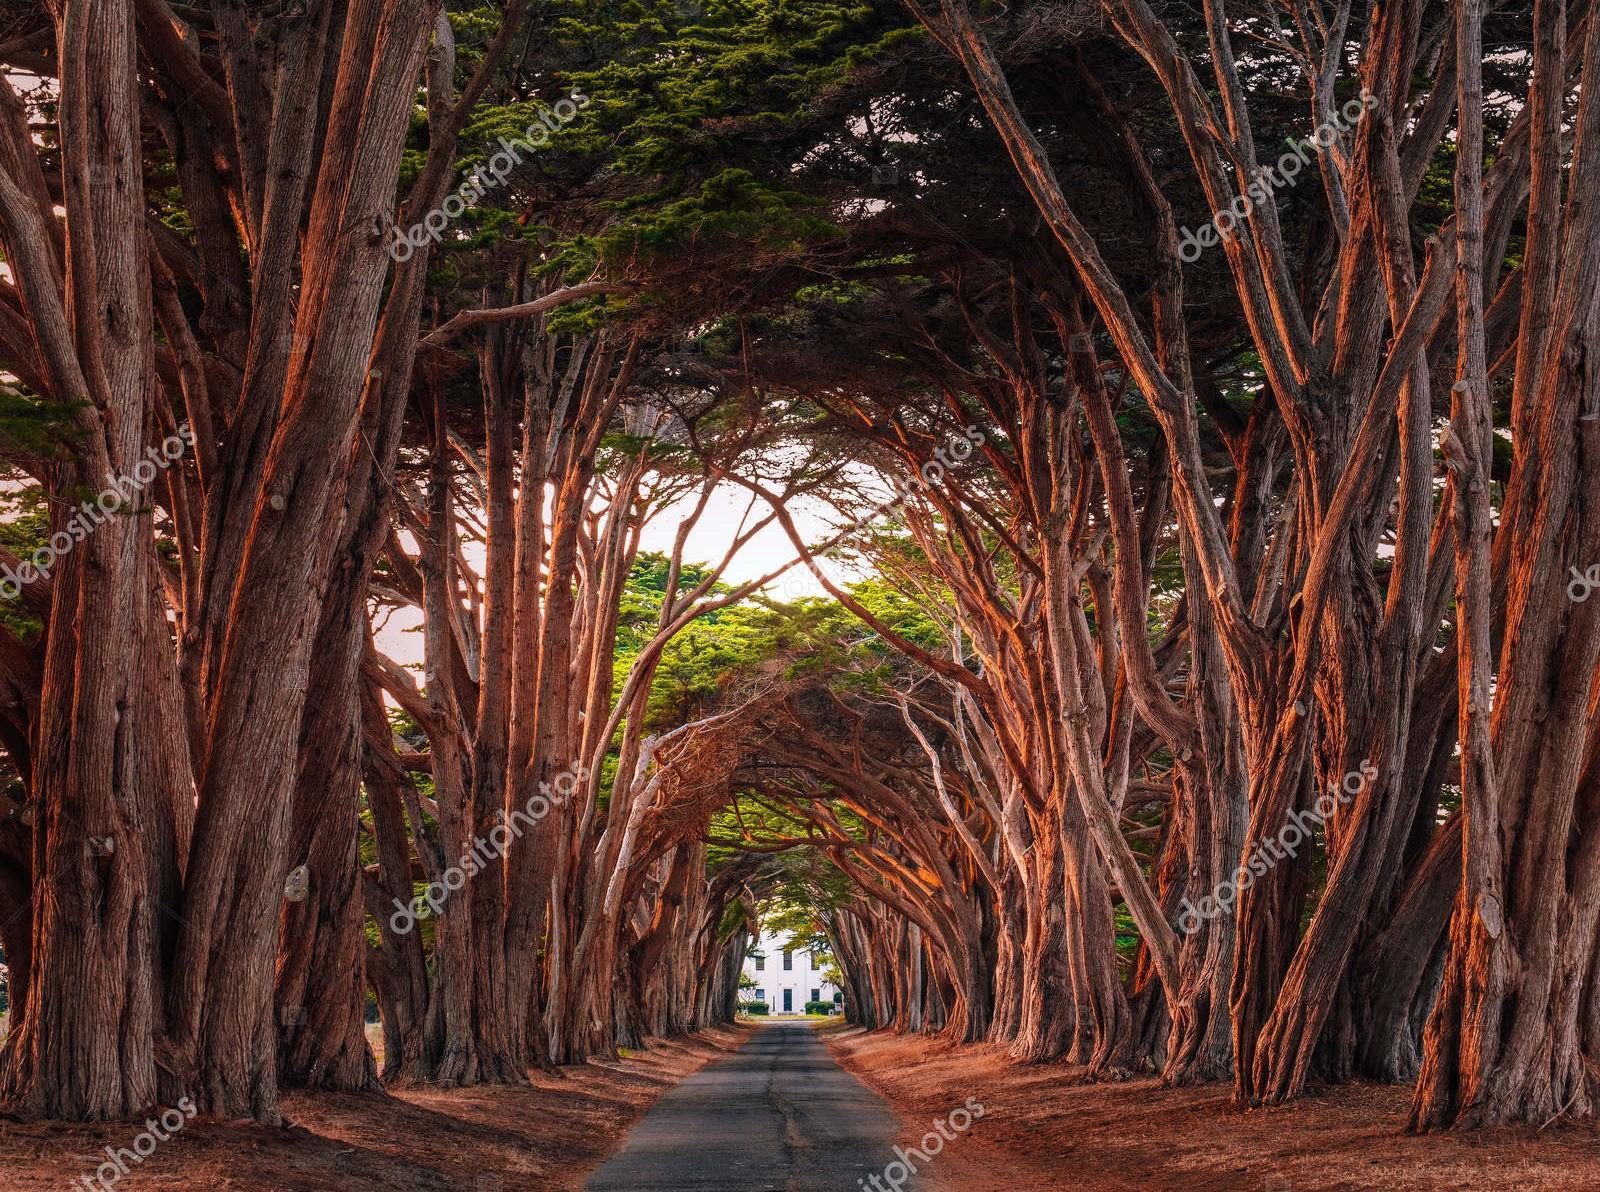 Кипарисовый тоннель, Калифорния